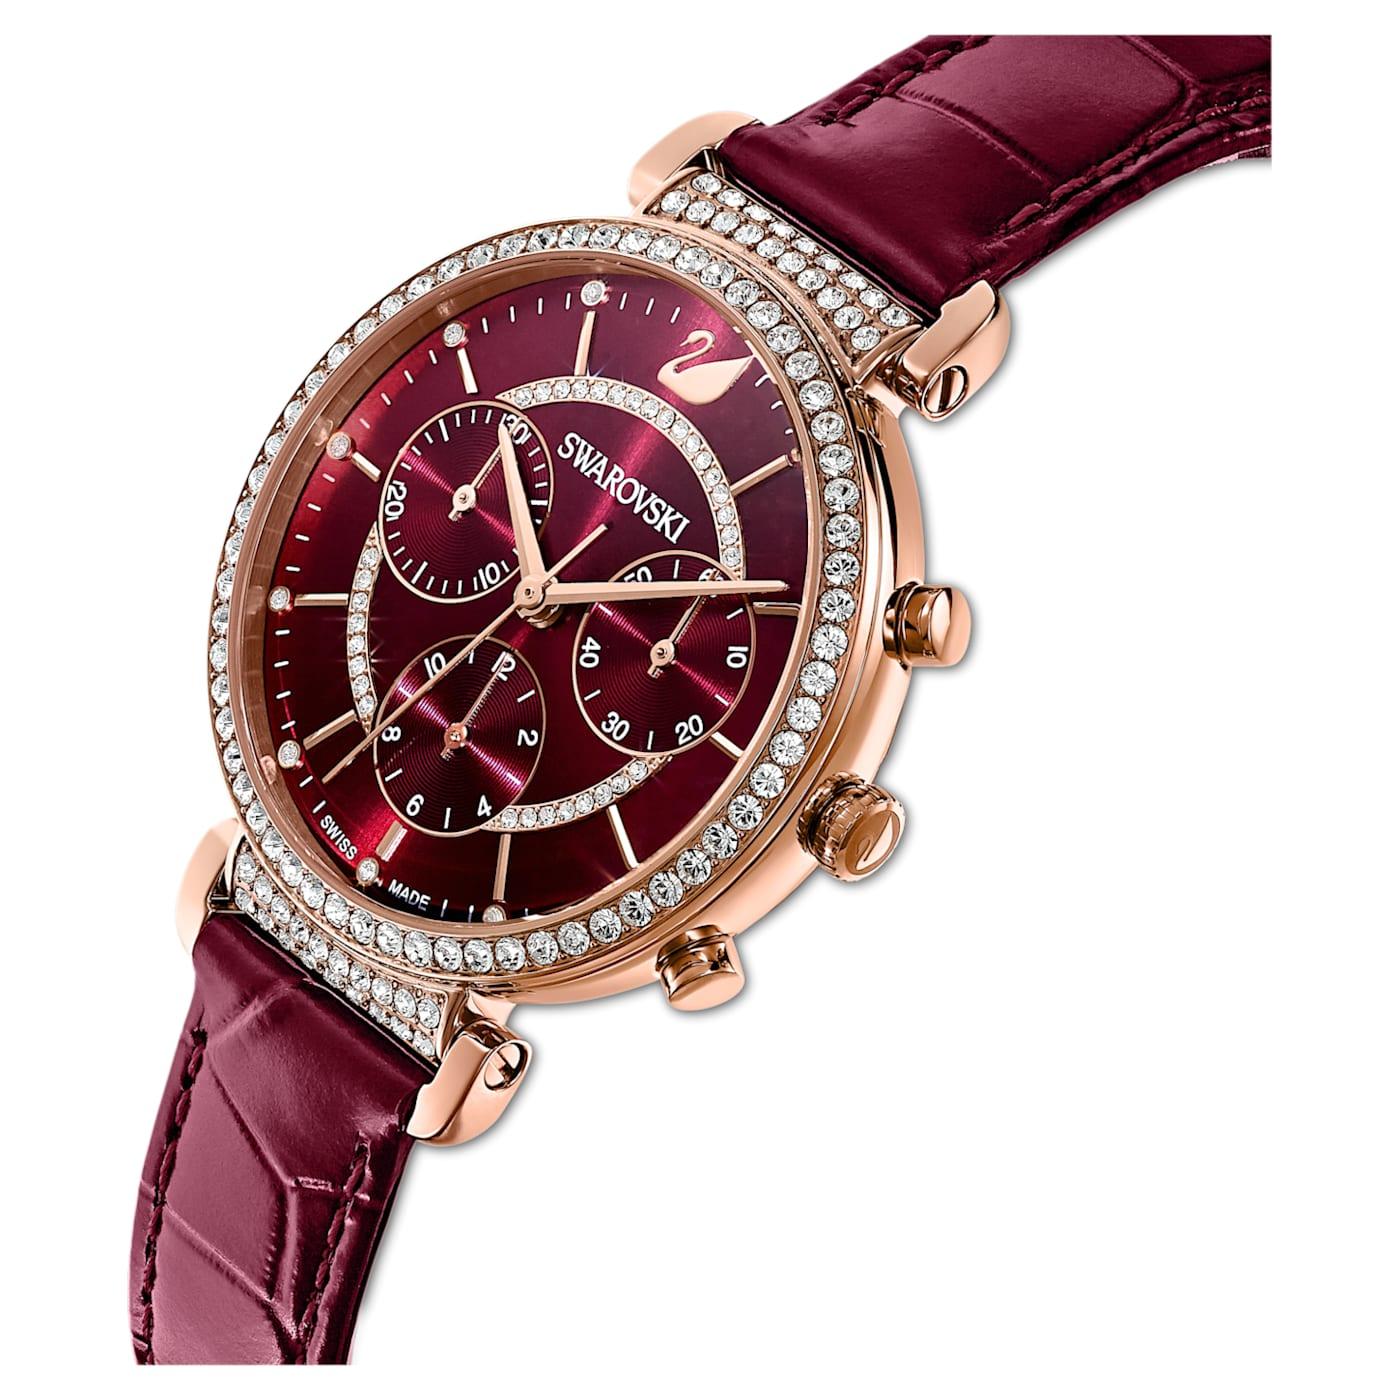 Montre Passage Chrono bracelet en cuir, Rouge, PVD doré rose, Swarovski